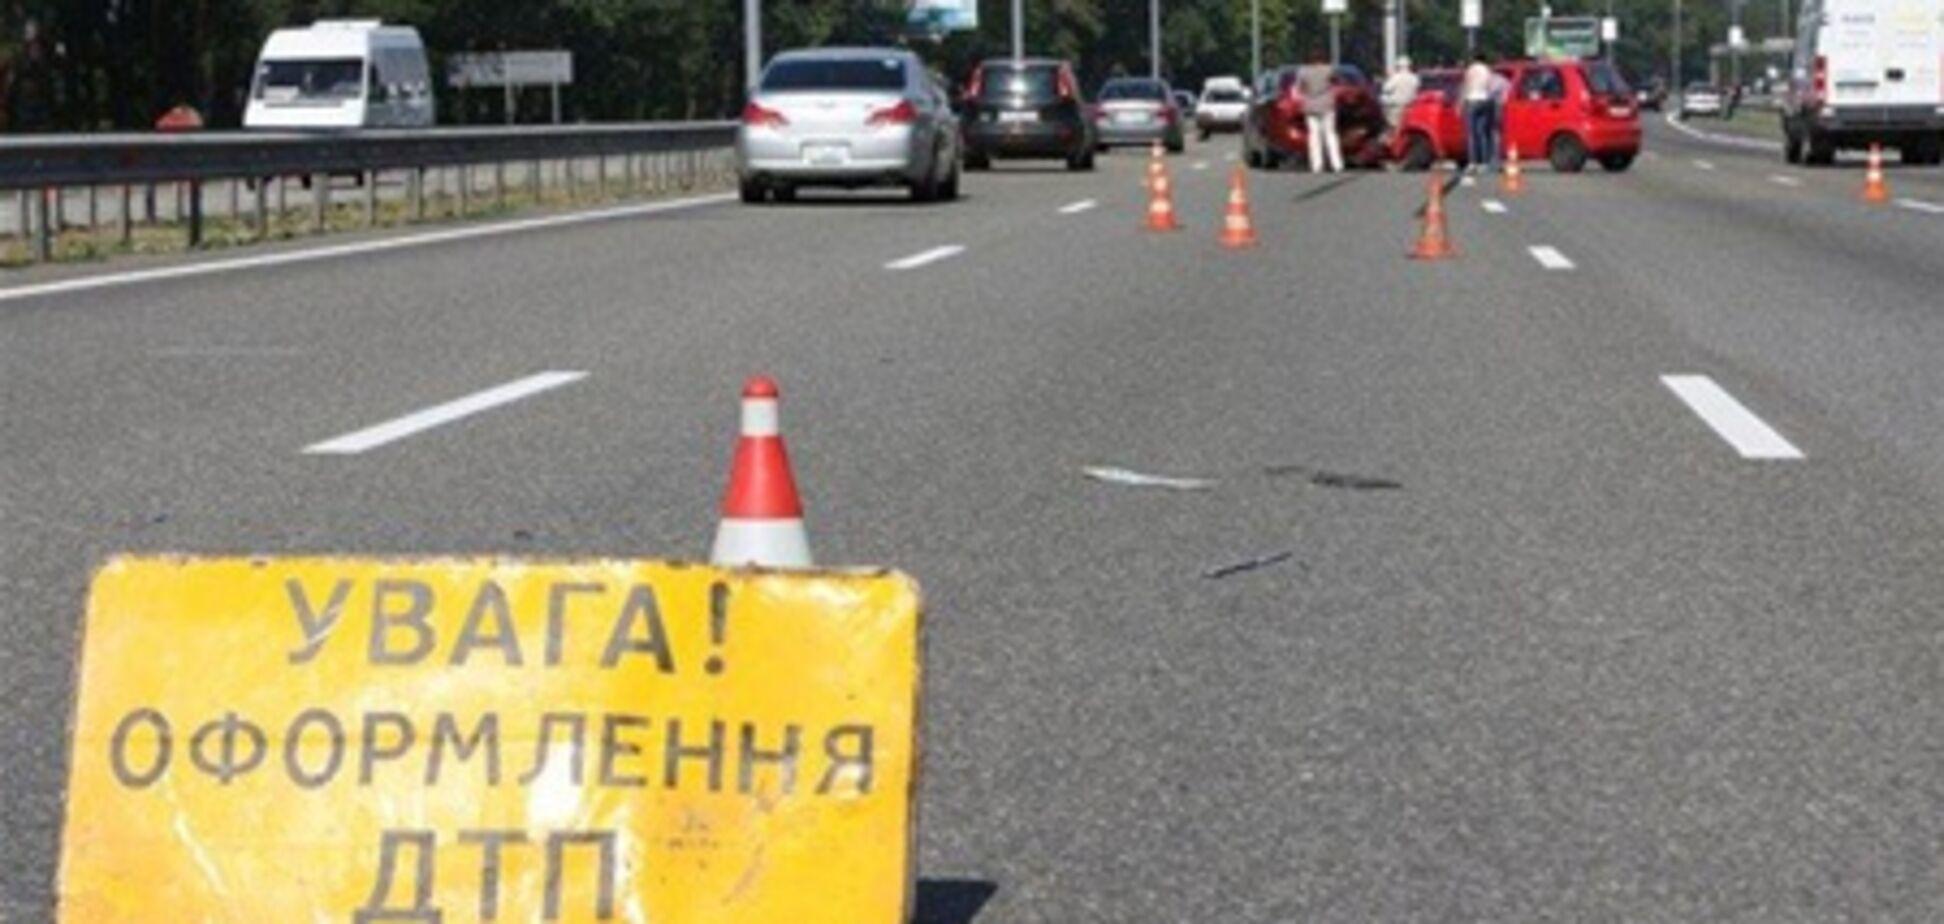 Ситуація на дорогах за 2 листопада: 95 ДТП, 16 загиблих